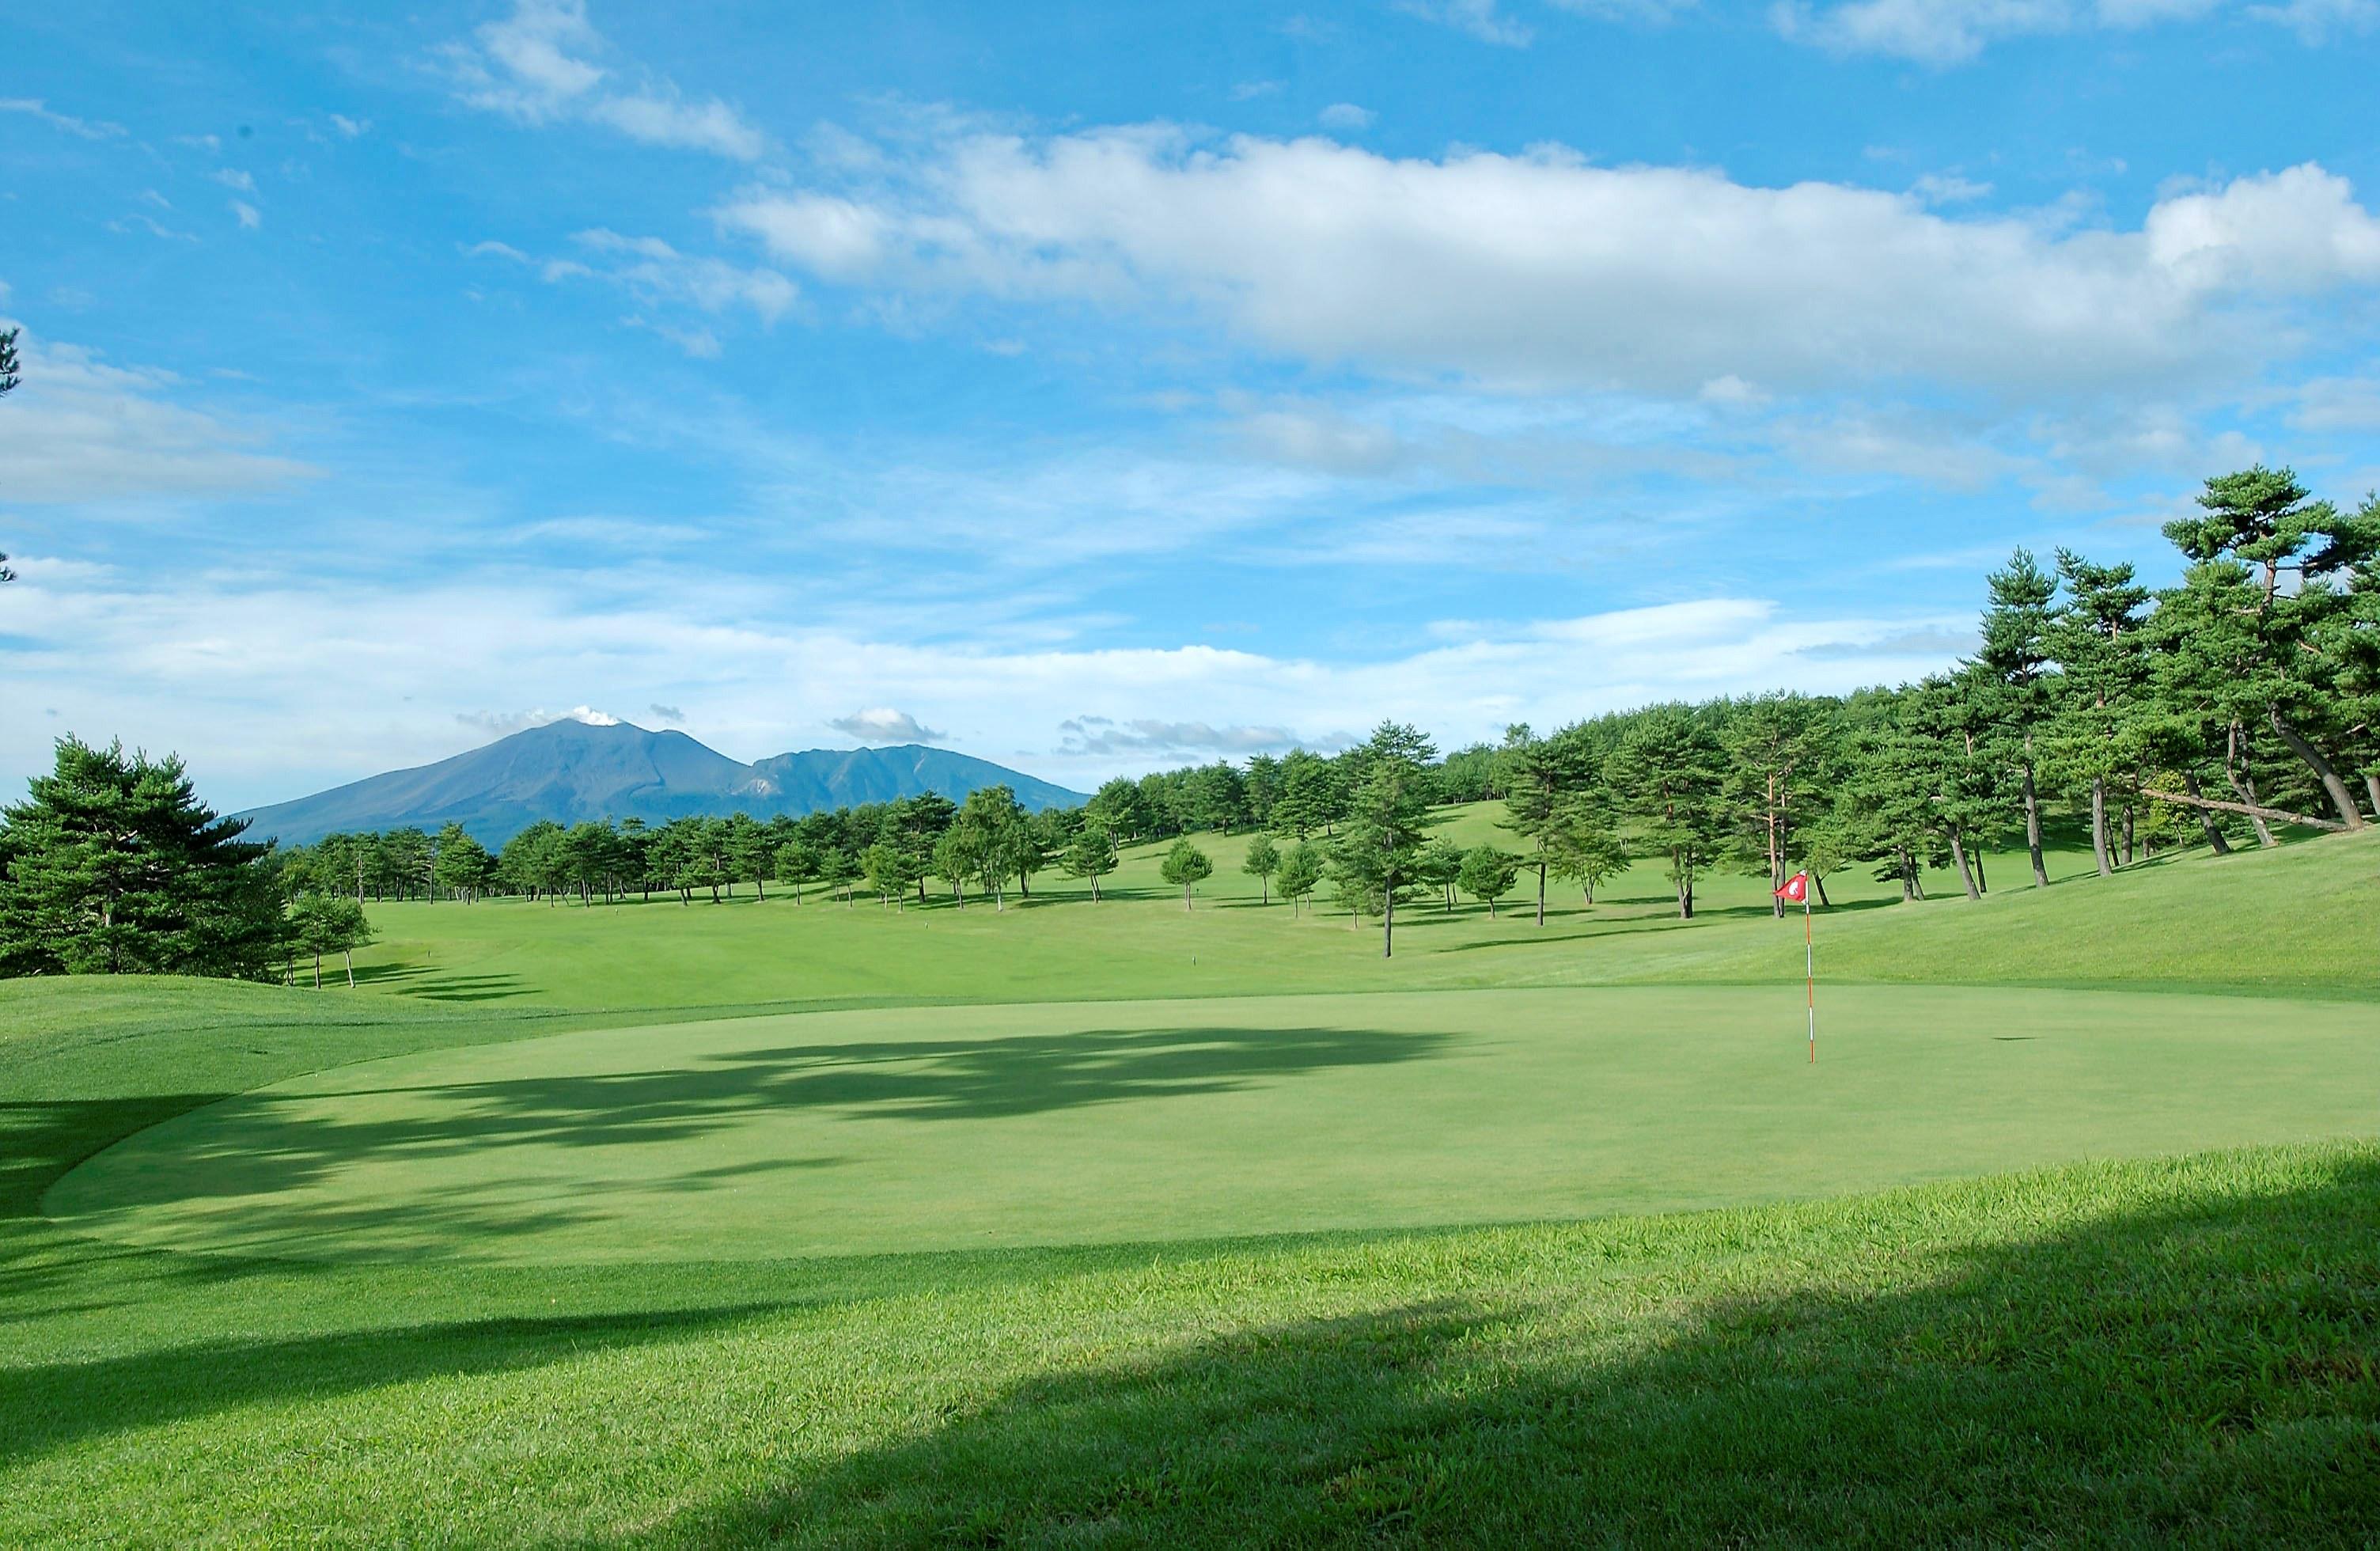 【群馬県】嬬恋高原ゴルフ場